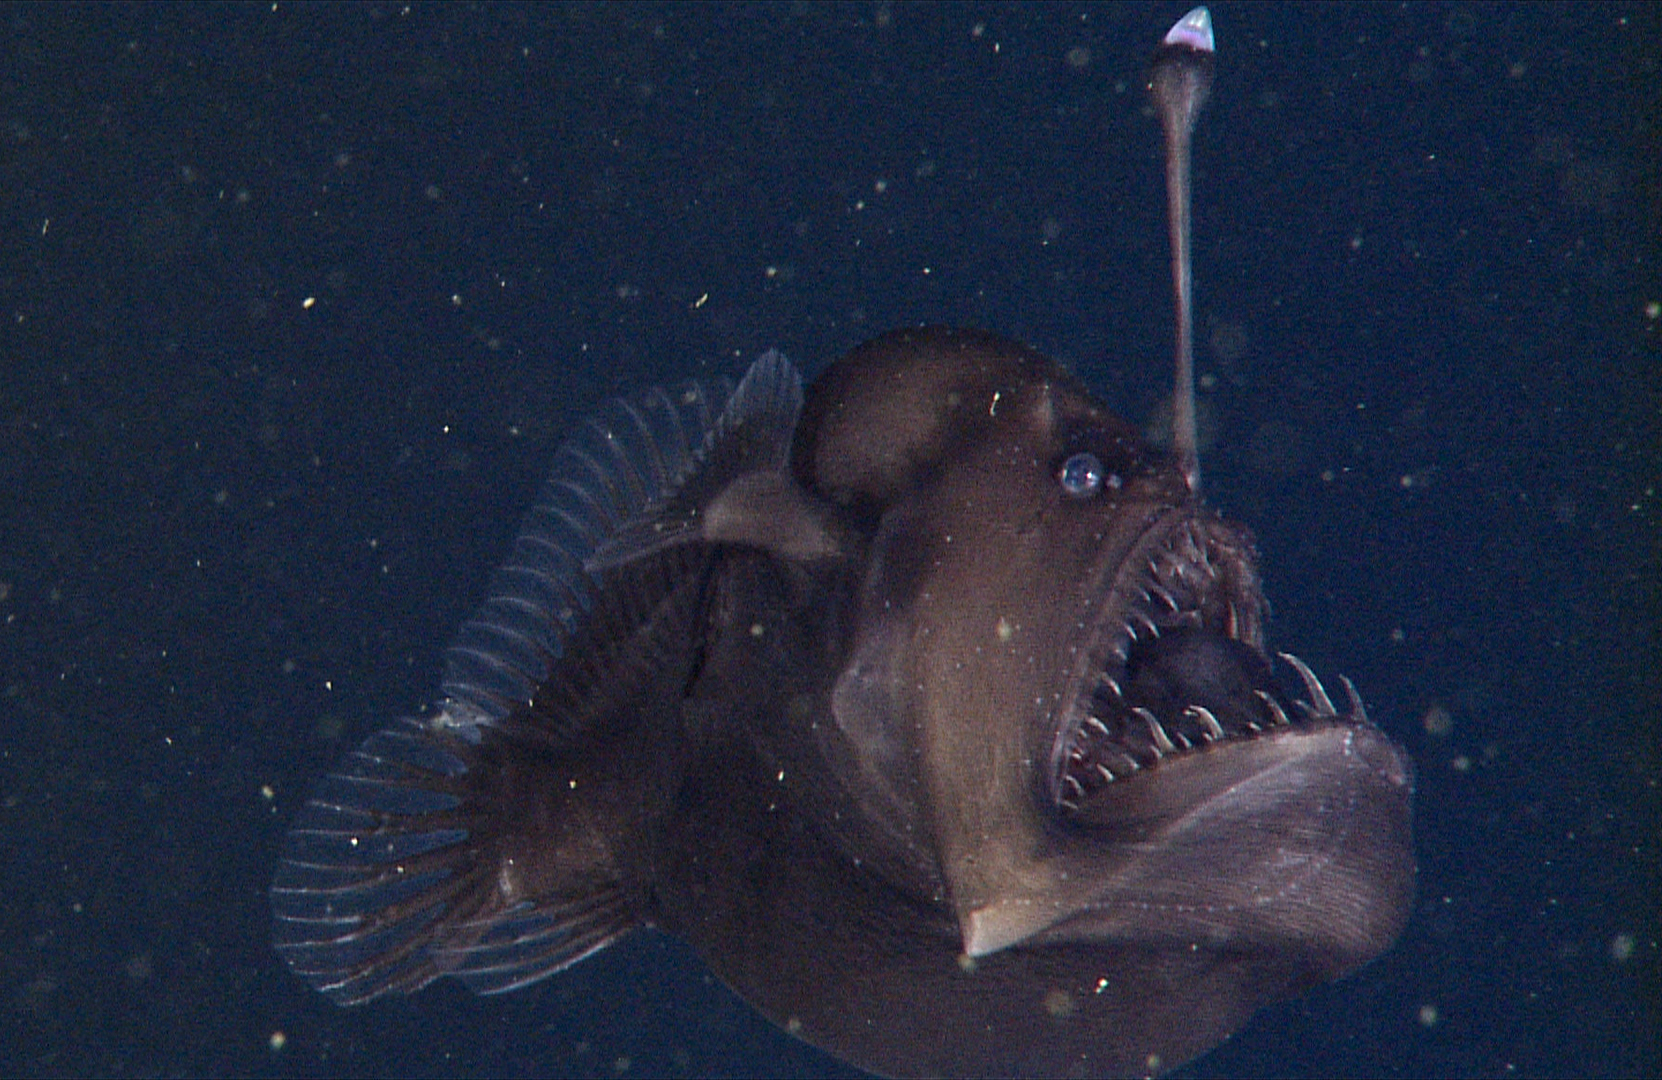 El monstruo negro del mar en su reciente registro audiovisual.